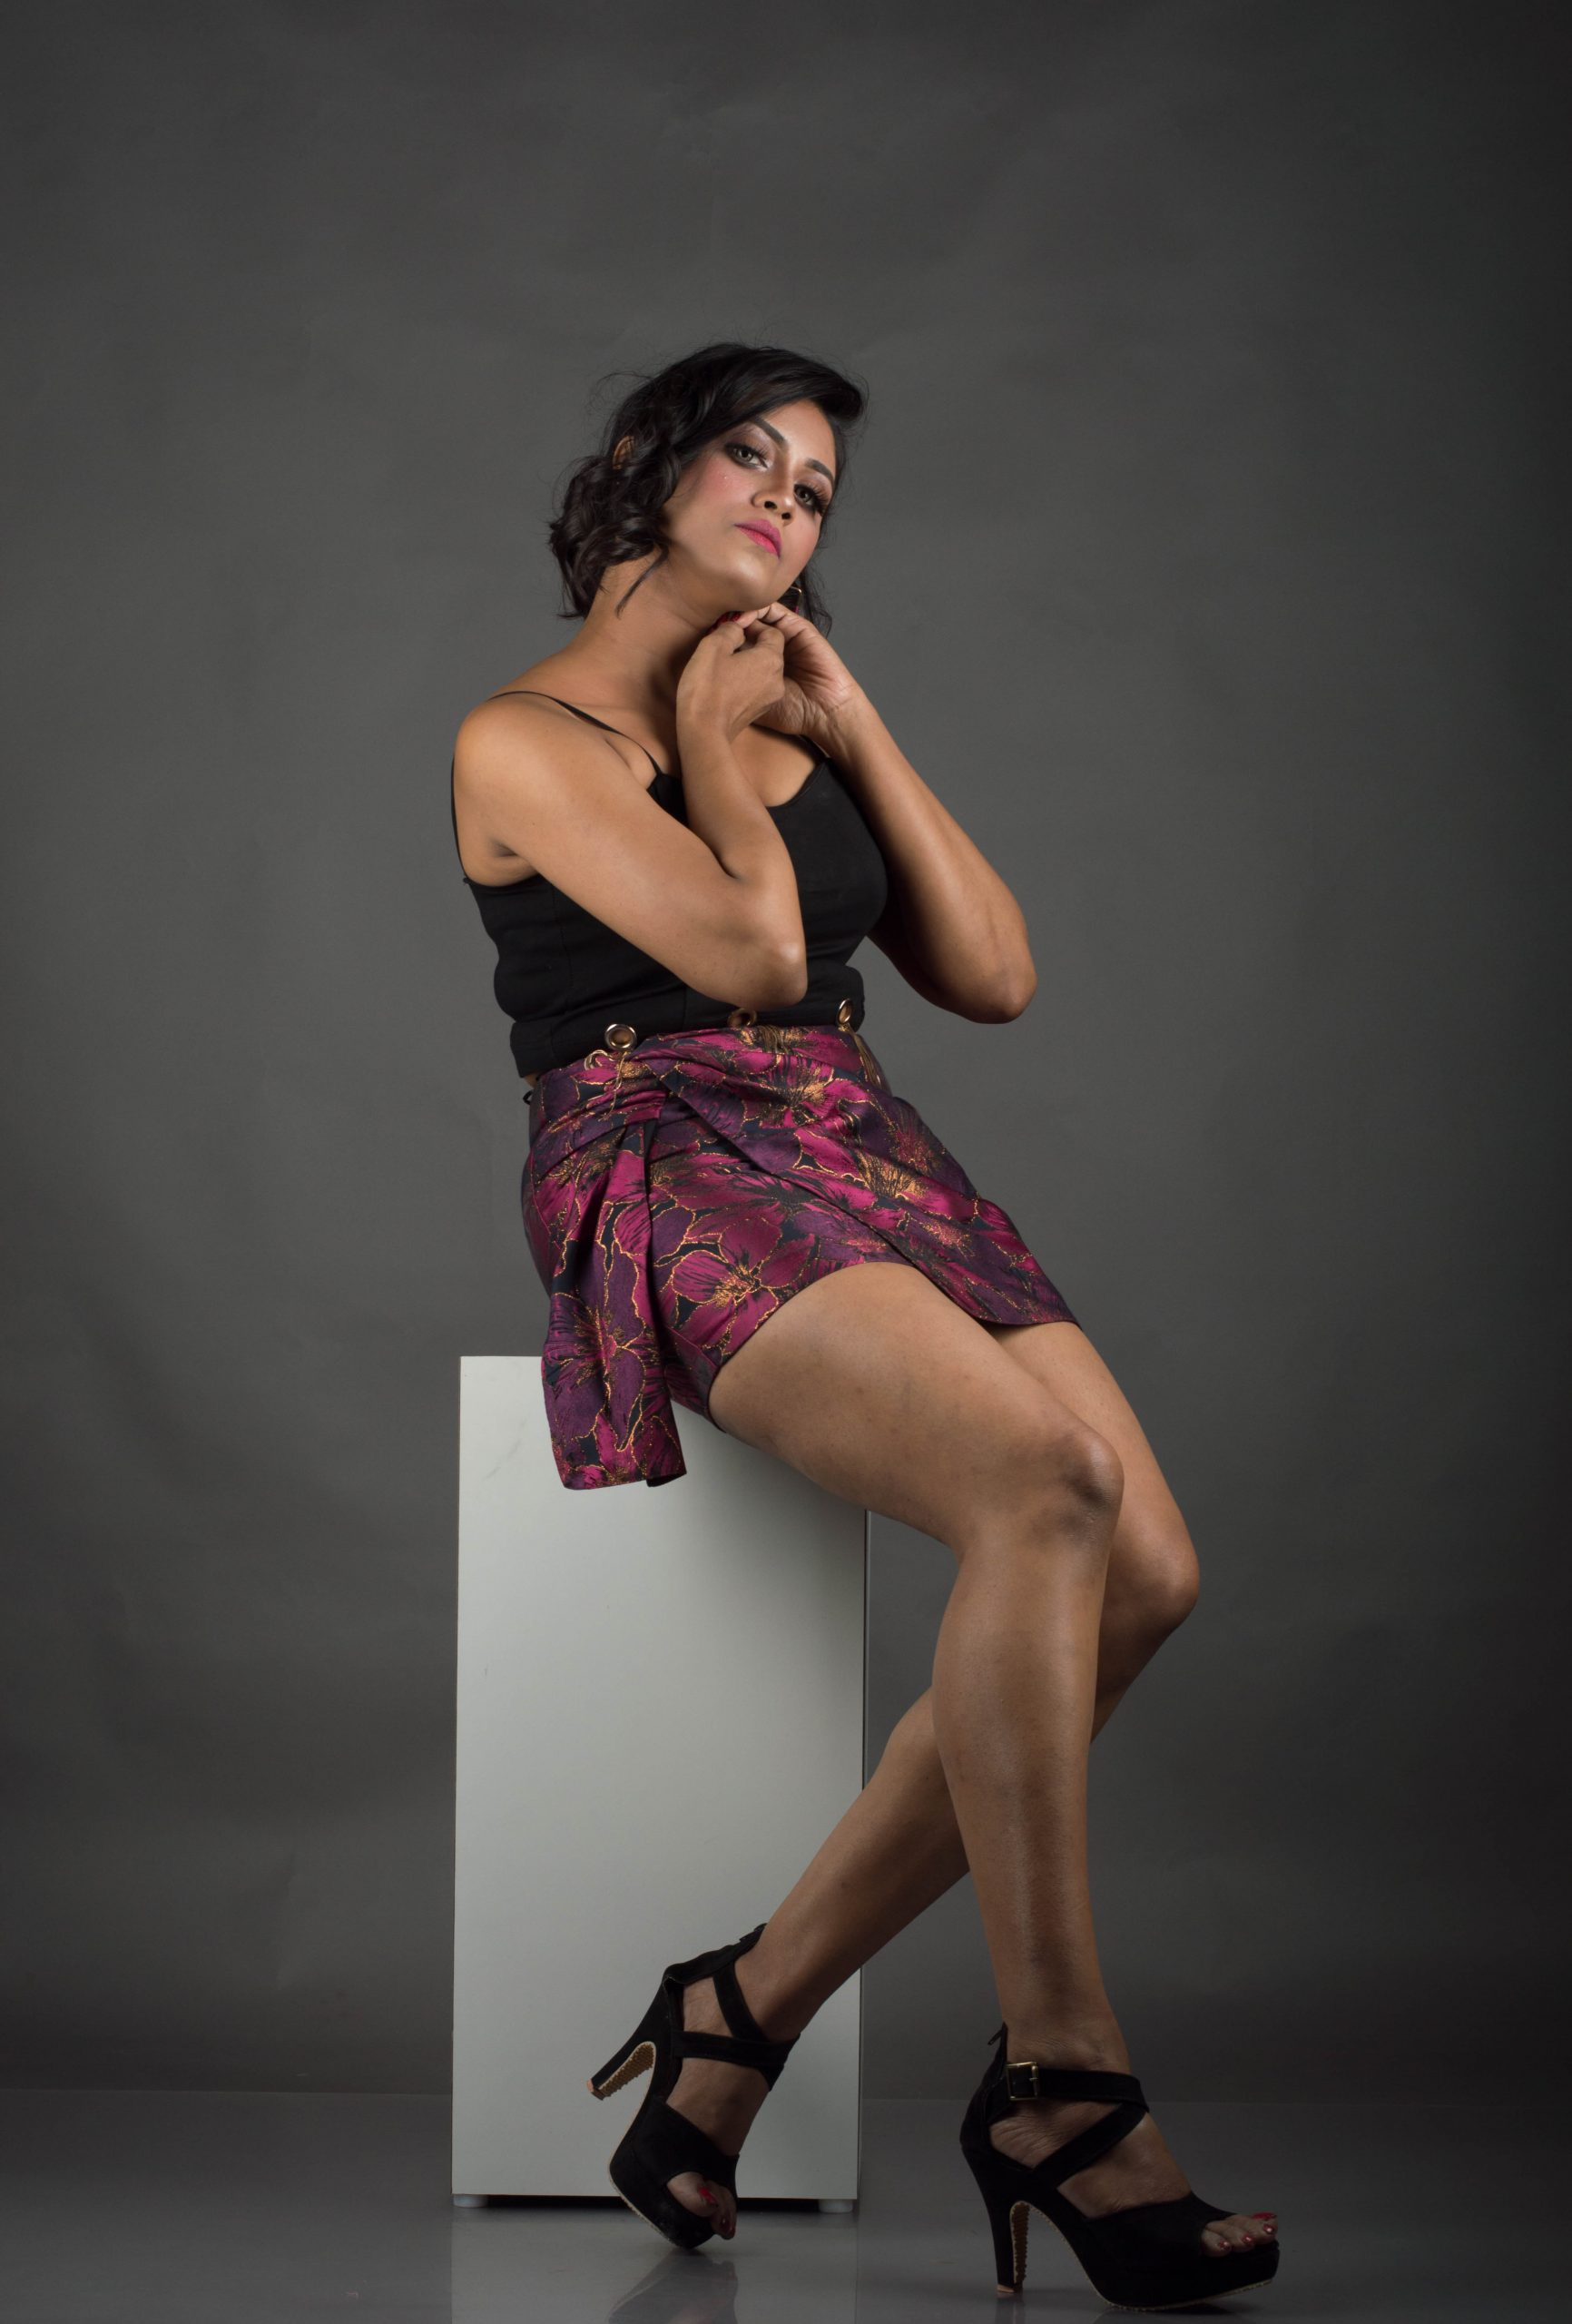 Stylish girl posing